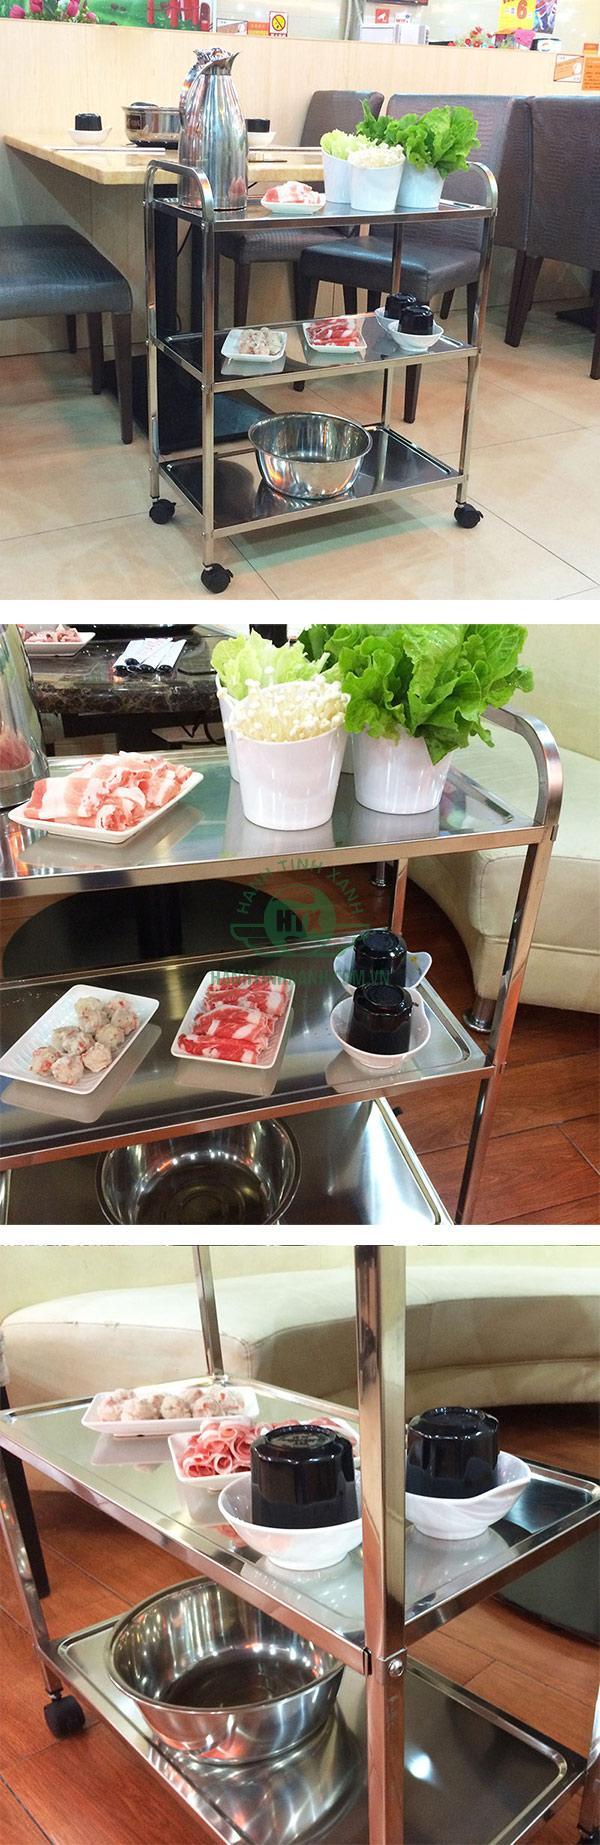 Sử dụng làm đẩy thức ăn 3 tầng inox tại nhà hàng